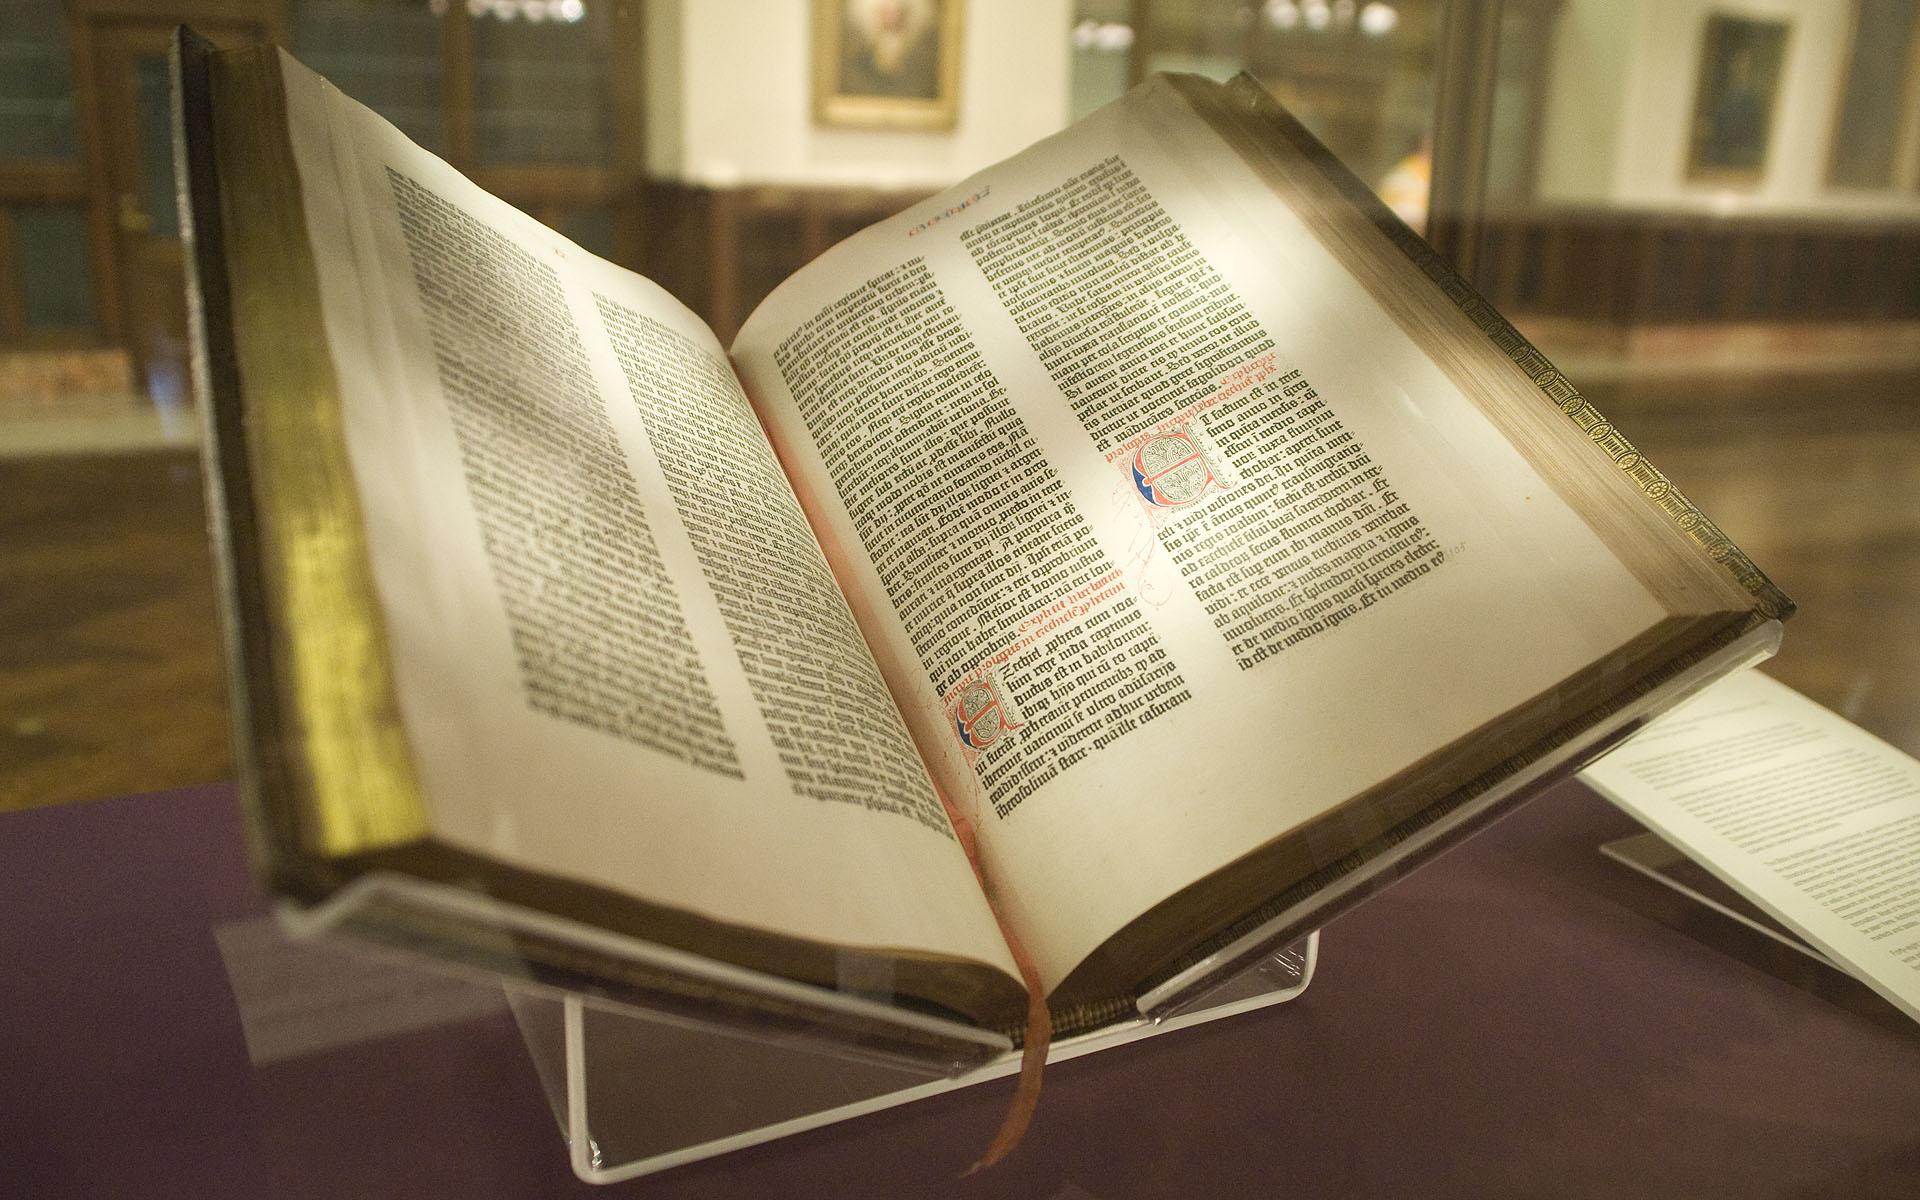 J – La Bible a-t-elle été falsifiée (Coran 2.59,75,79; 3.78; 4.46; 5.15,41)?